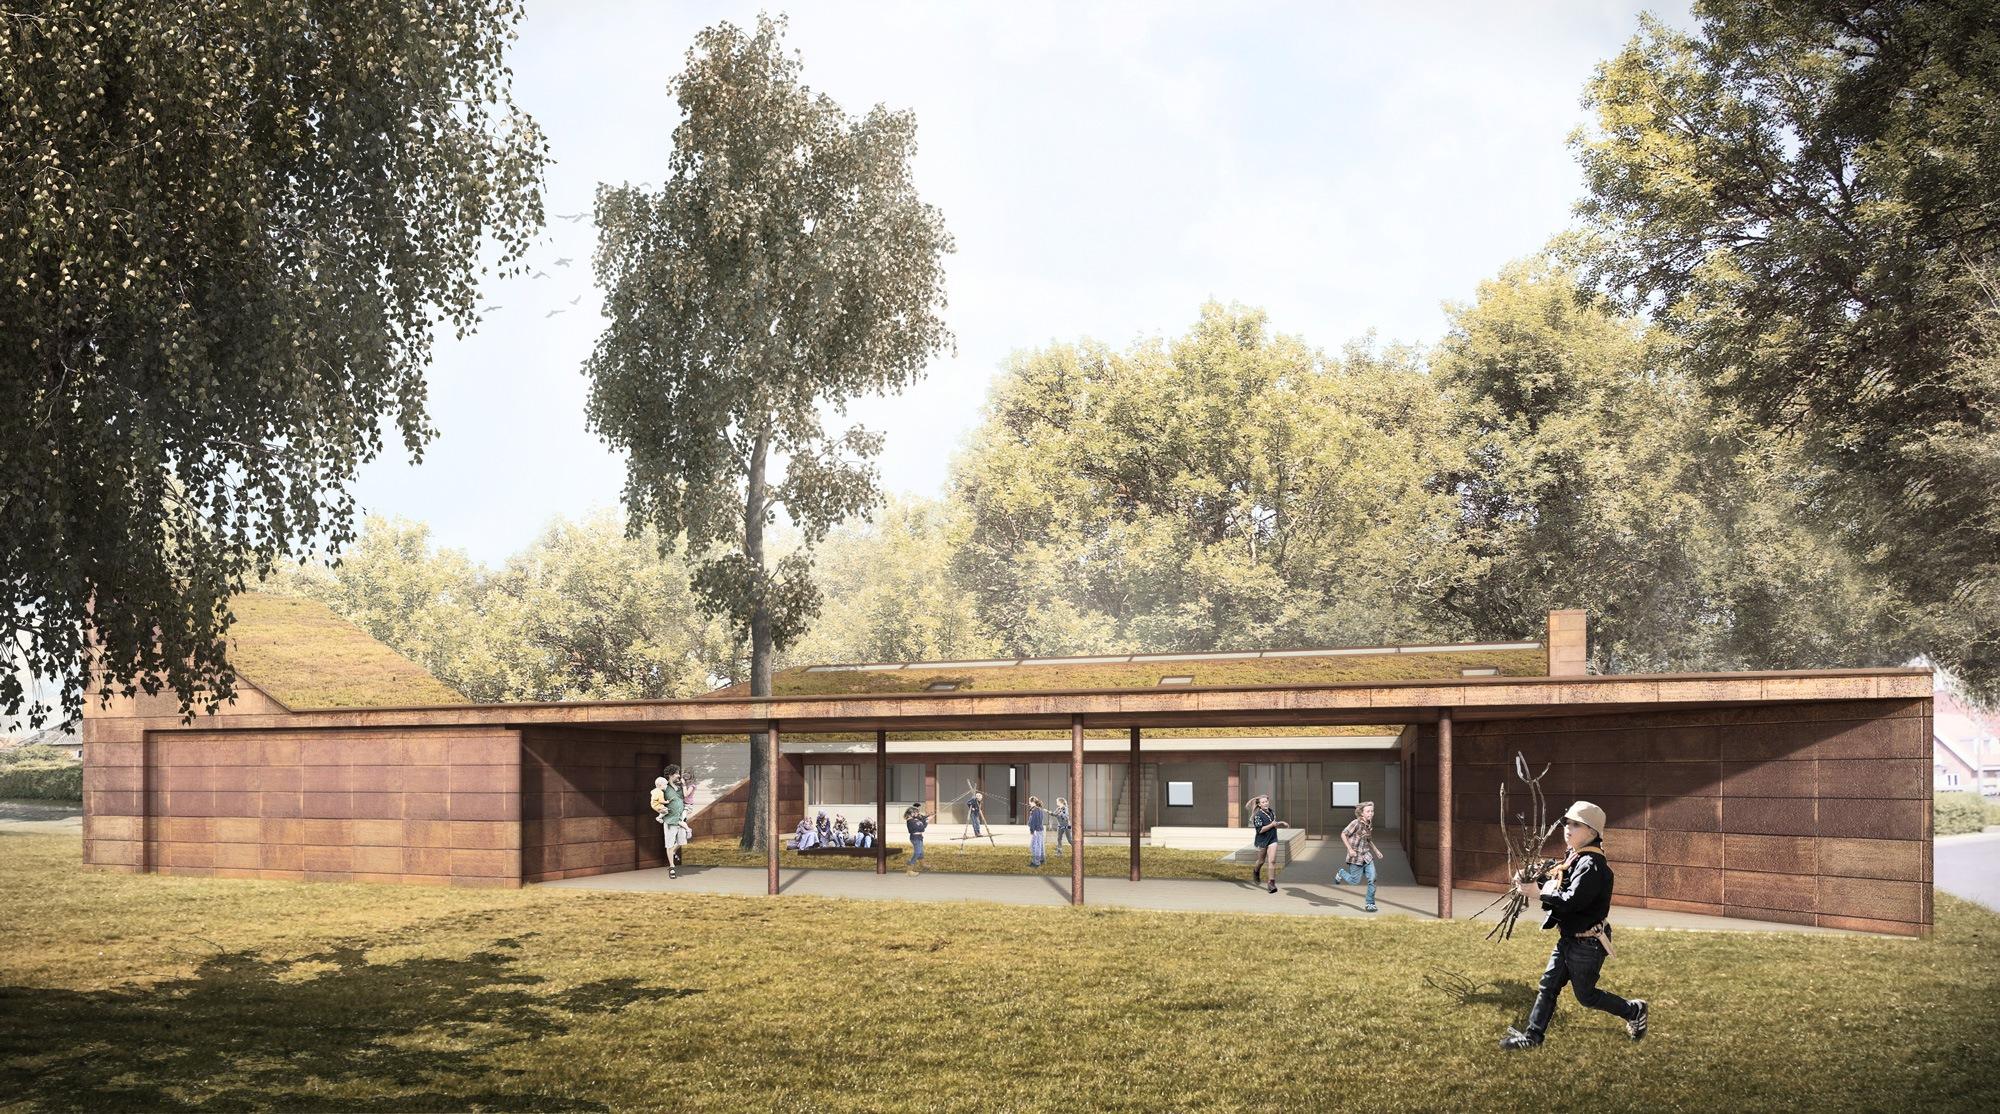 Spejderhus-i-Brønshøj-af-ONV-arkitekter-præfab-prefab-architecture-Bellahøj-21st-Barking